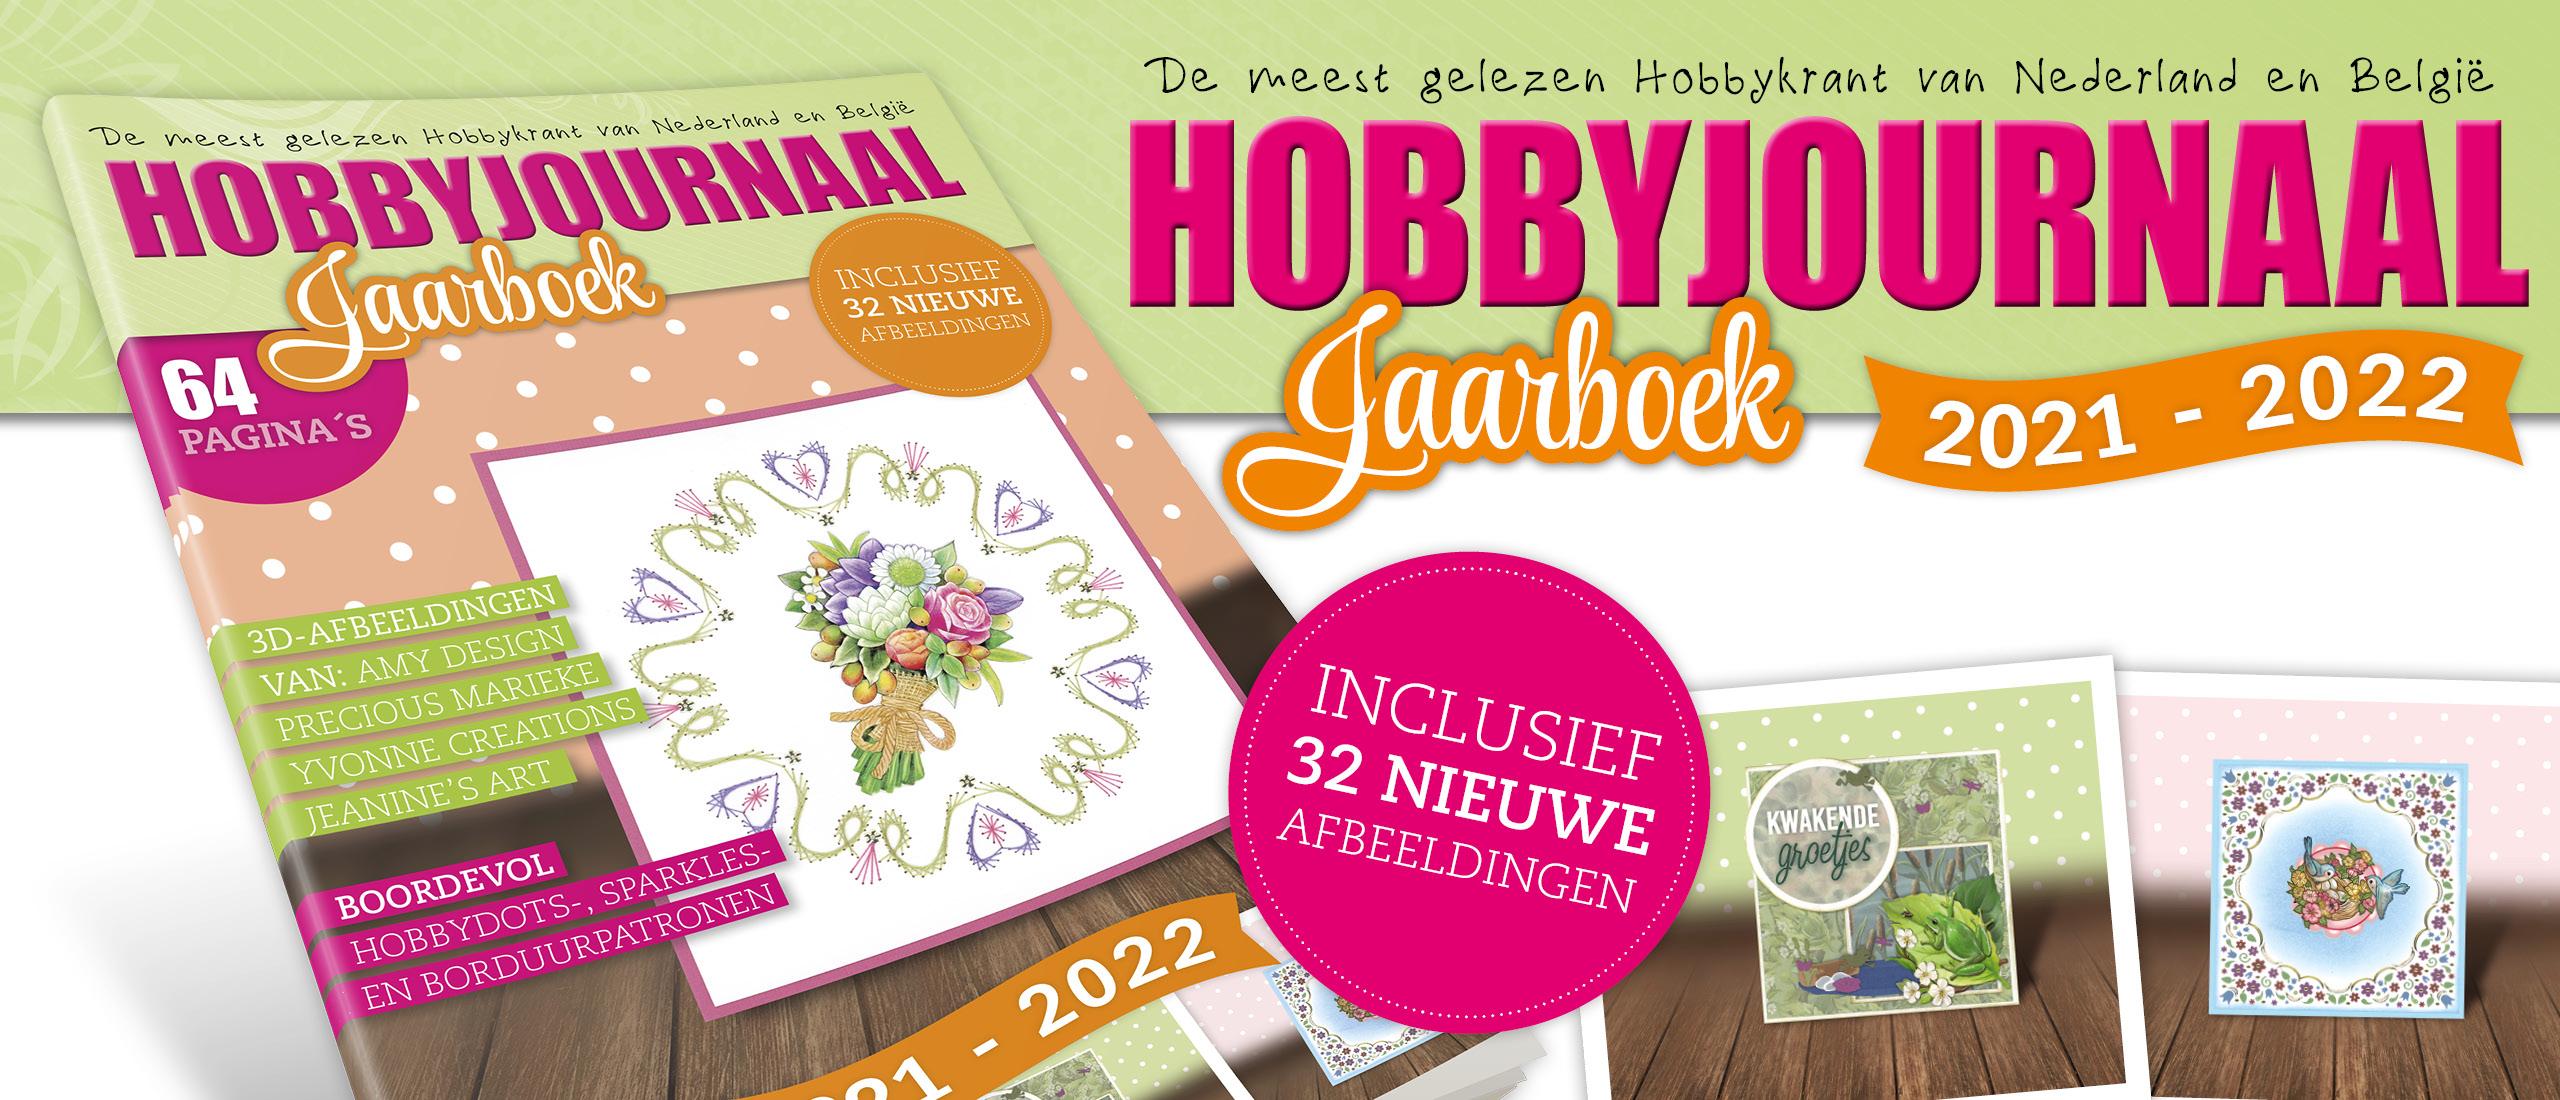 Hobbyjournaal Jaarboek-2021-2022